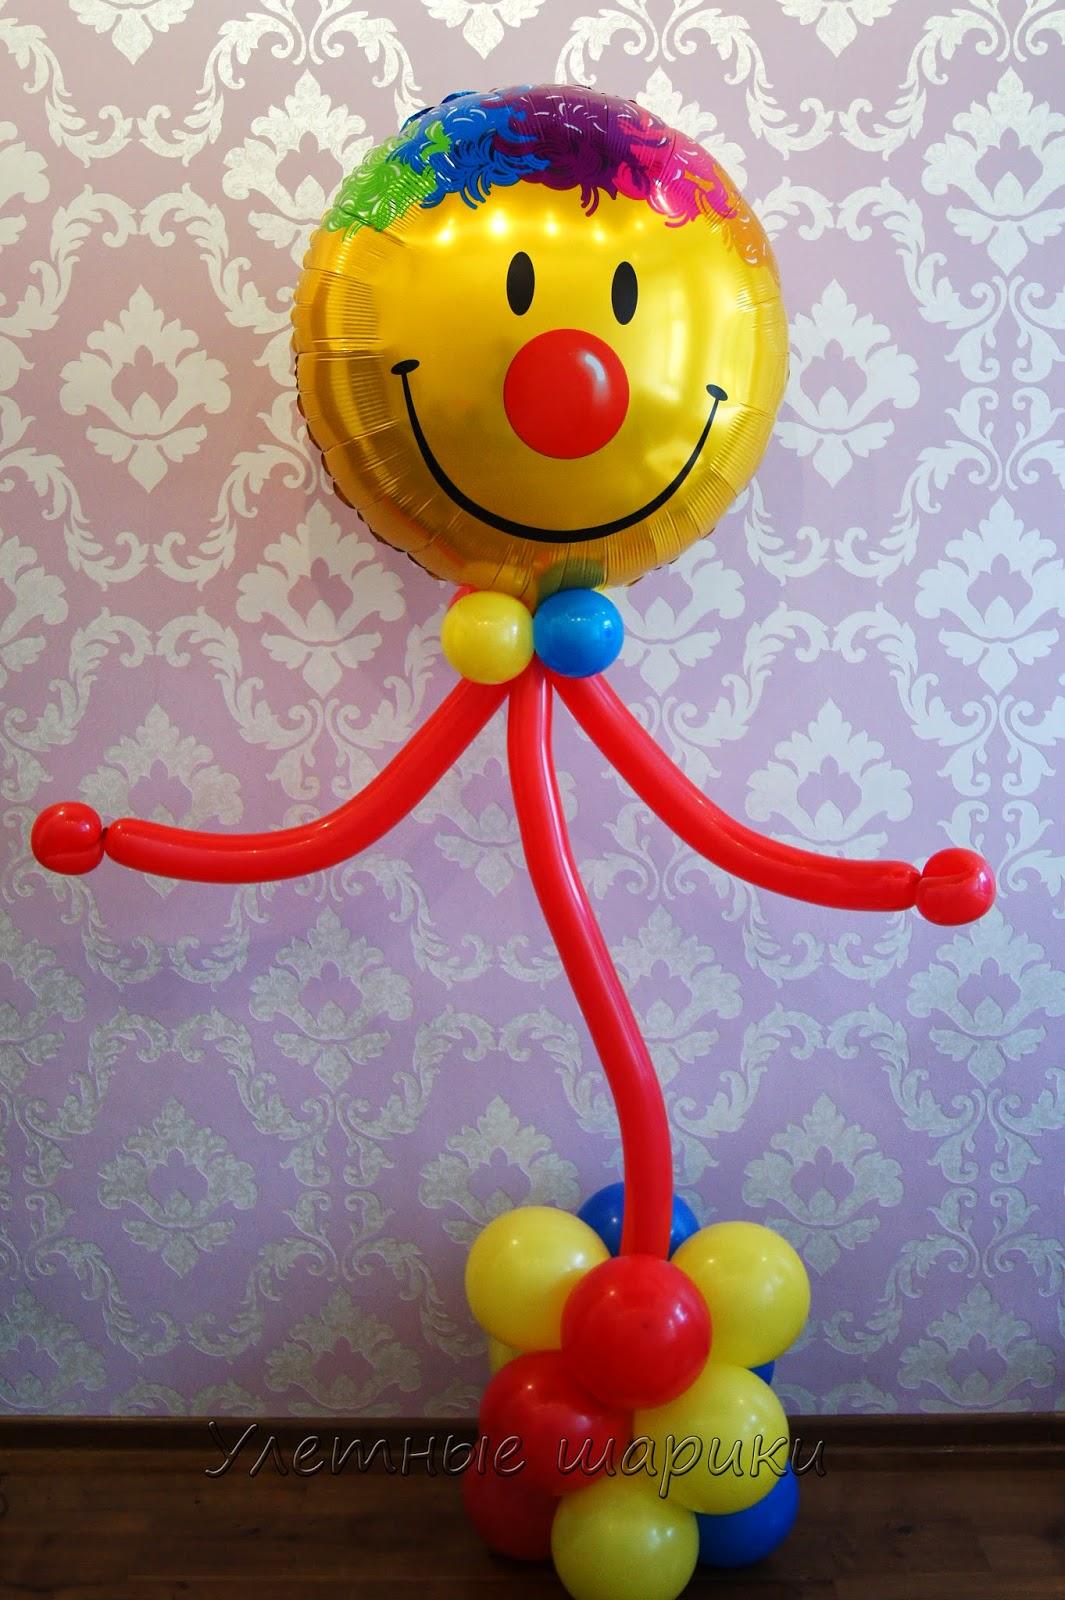 Композиция из воздушных шаров танцующий человечек